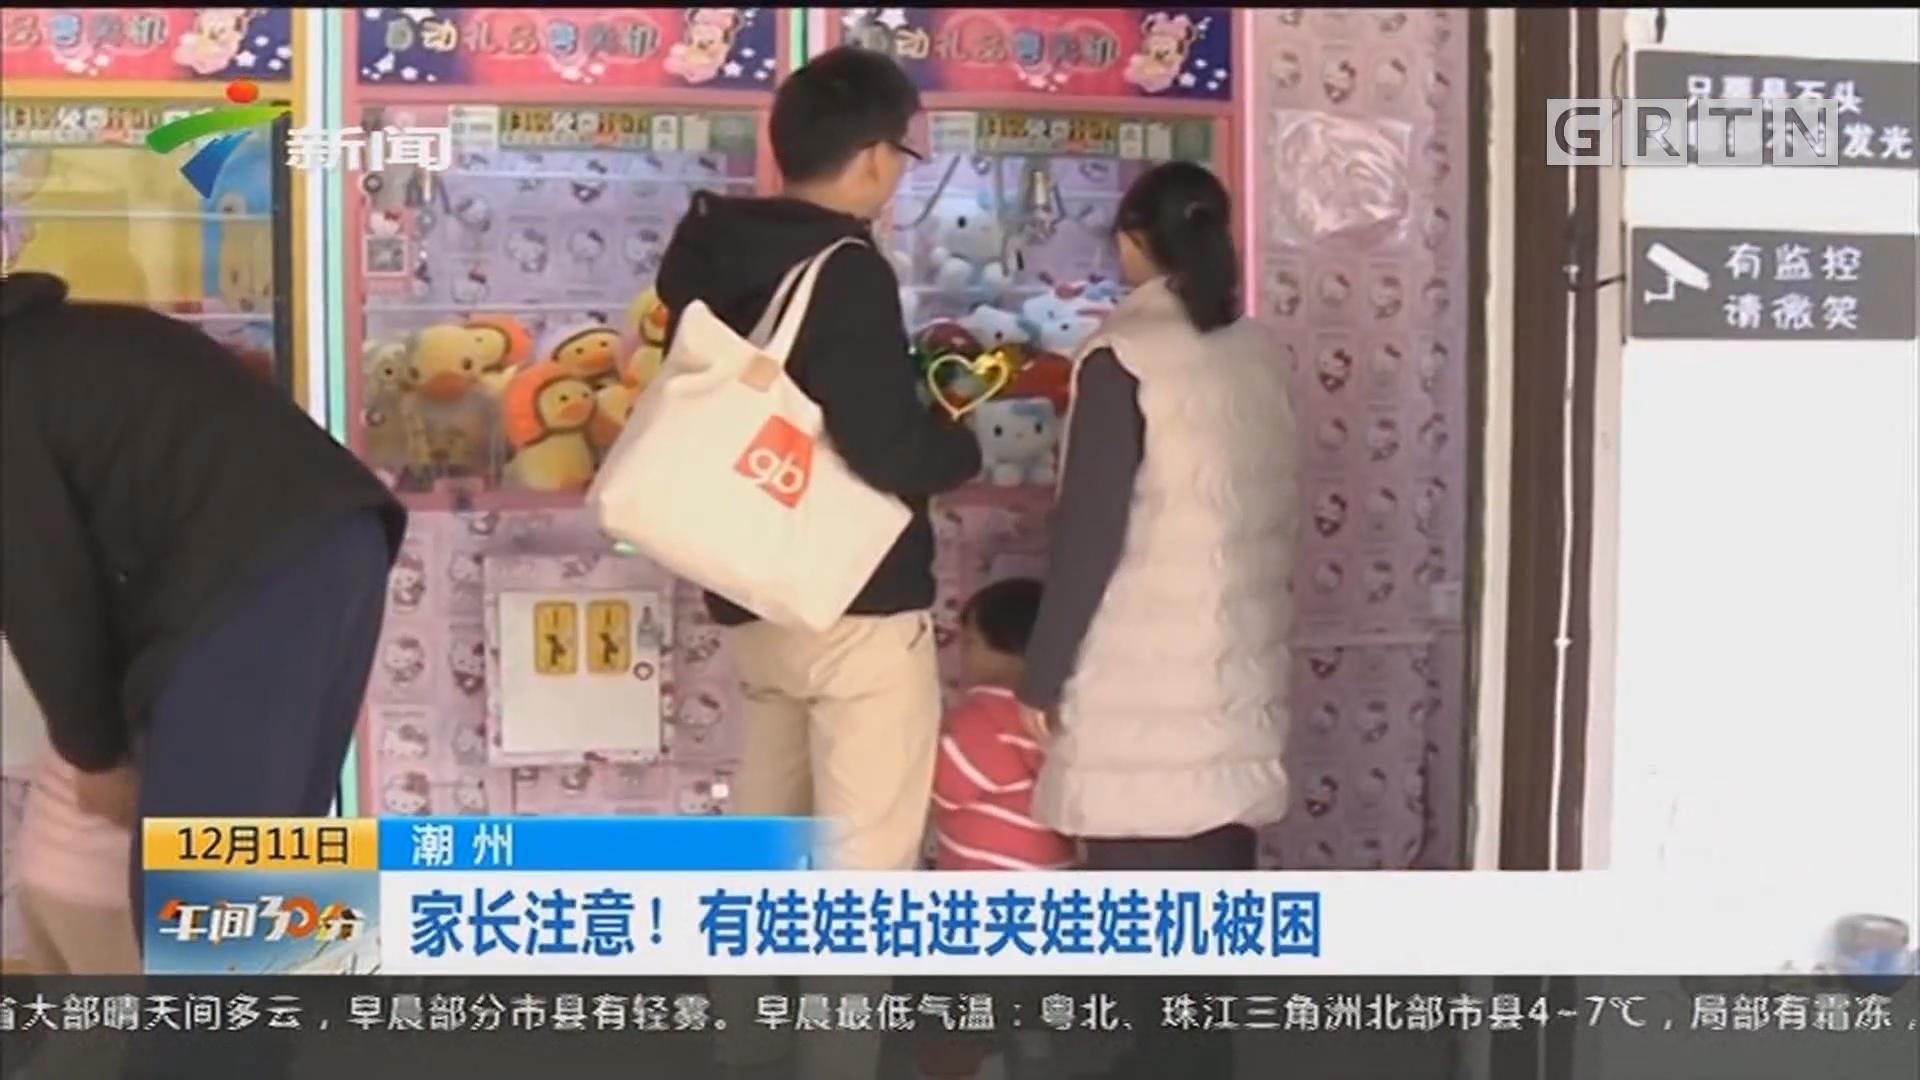 潮州:家长注意!有娃娃钻进夹娃娃机被困